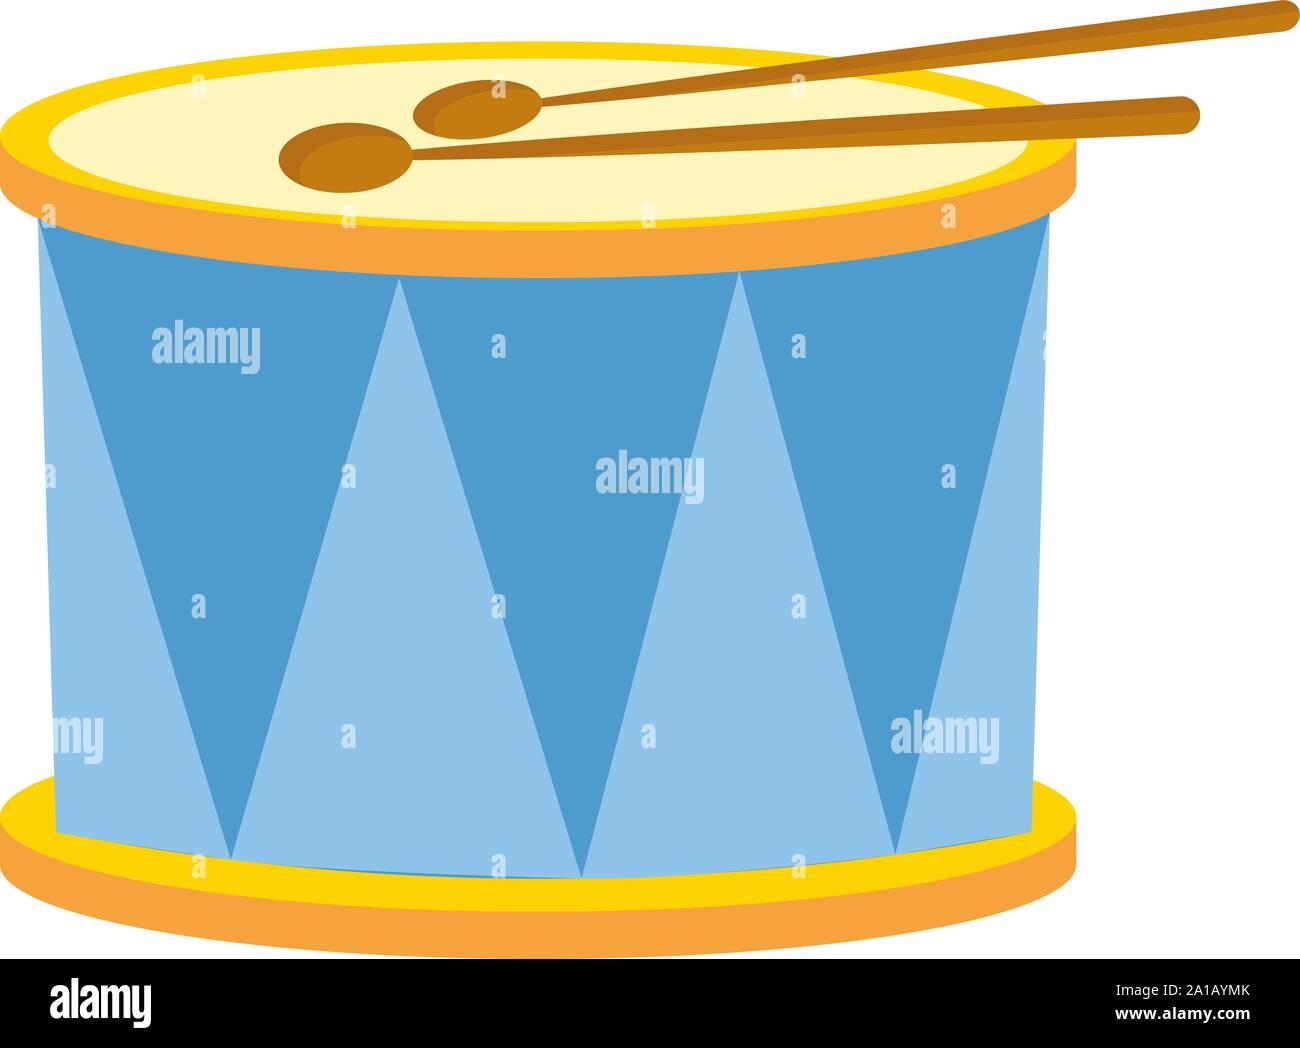 Blaue Trommel, Illustration, Vektor auf weißem Hintergrund. Stock Vektor